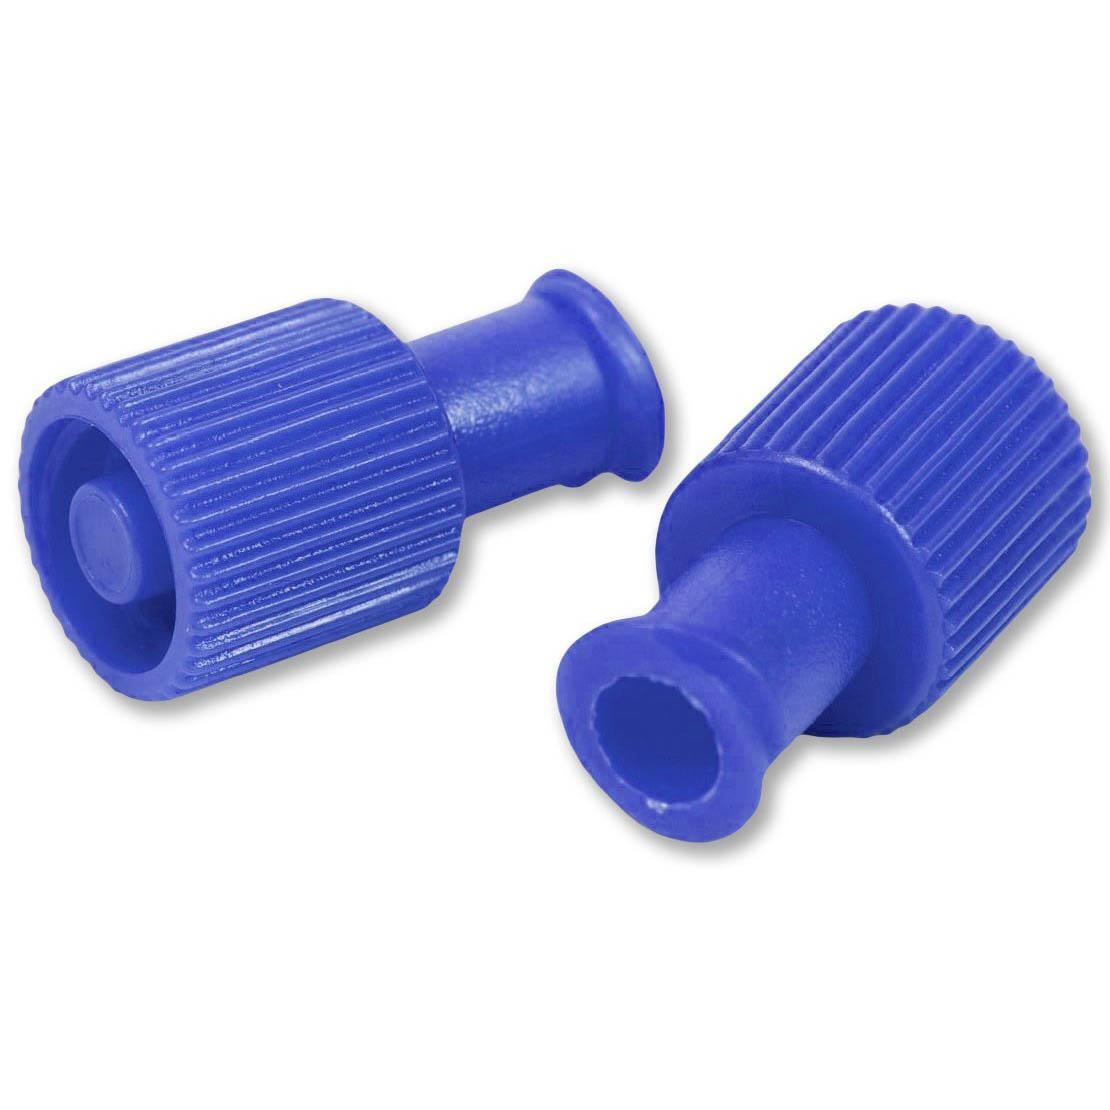 McKesson Syringe Caps